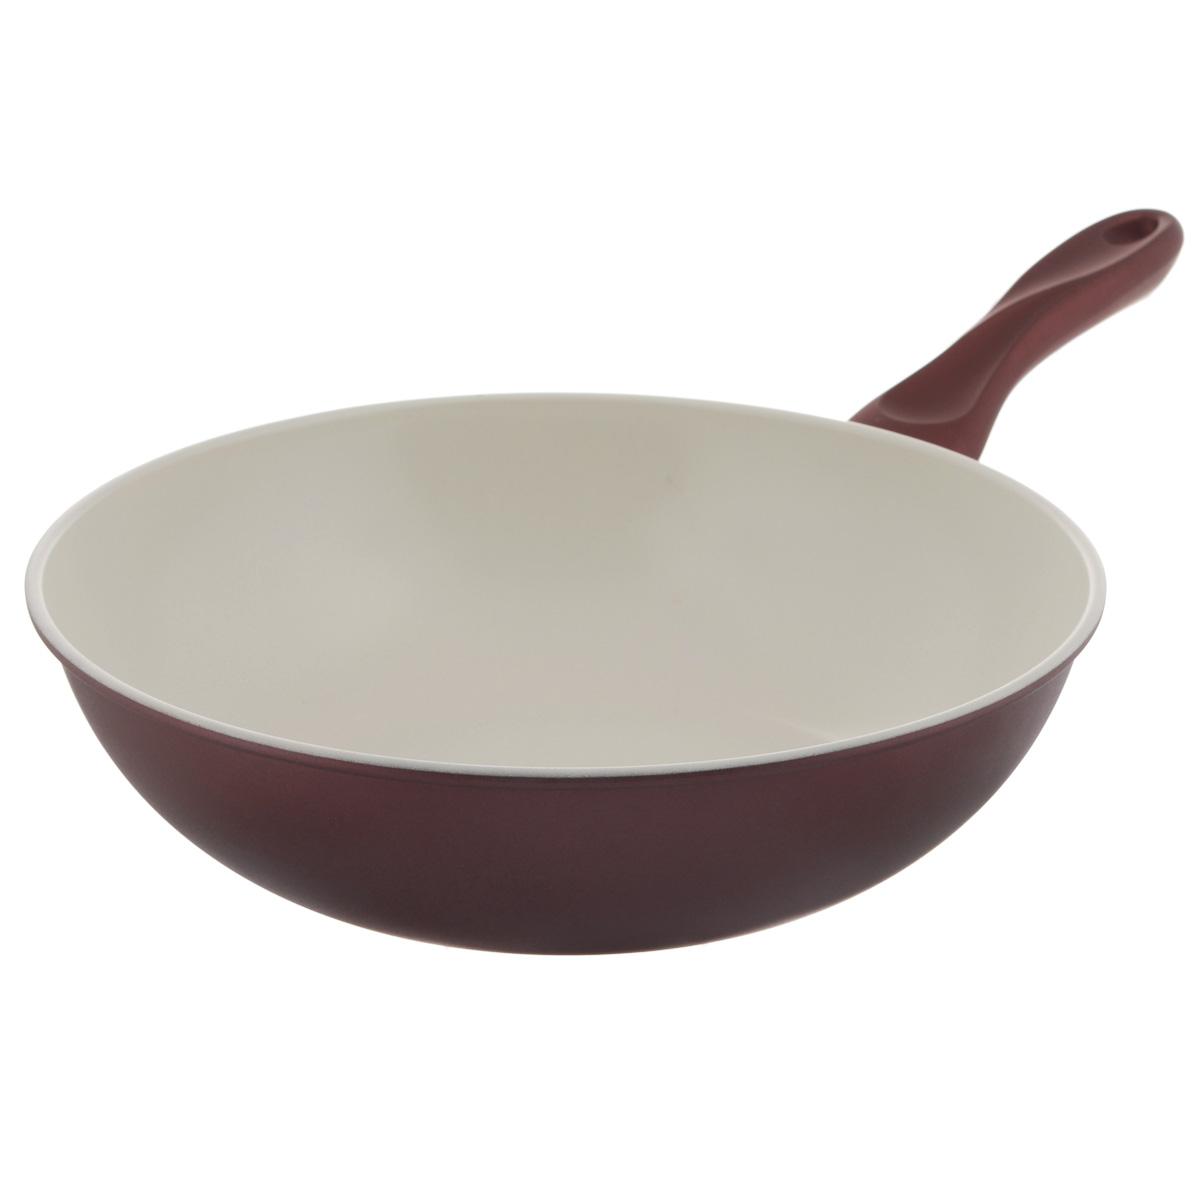 Сковорода-вок Mayer & Boch, с керамическим покрытием, цвет: коричневый, перламутровый. Диаметр 30 см391602Сковорода Вок Mayer & Boch изготовлена из углеродистой стали с высококачественным керамическим покрытием. Керамика не содержит вредных примесей ПФОК, что способствует здоровому и экологичному приготовлению пищи. Кроме того, с таким покрытием пища не пригорает и не прилипает к стенкам, поэтому можно готовить с минимальным добавлением масла и жиров. Гладкая, идеально ровная поверхность сковороды легко чистится, ее можно мыть в воде руками или вытирать полотенцем. Эргономичная ручка специального дизайна выполнена из силикона.Сковорода подходит для использования на газовых и электрических плитах. Также изделие можно мыть в посудомоечной машине. Диаметр: 30 см. Высота стенки: 8 см. Толщина стенки: 1,2 мм. Толщина дна: 2 мм. Длина ручки: 19 см. Диаметр дна: 19 см.